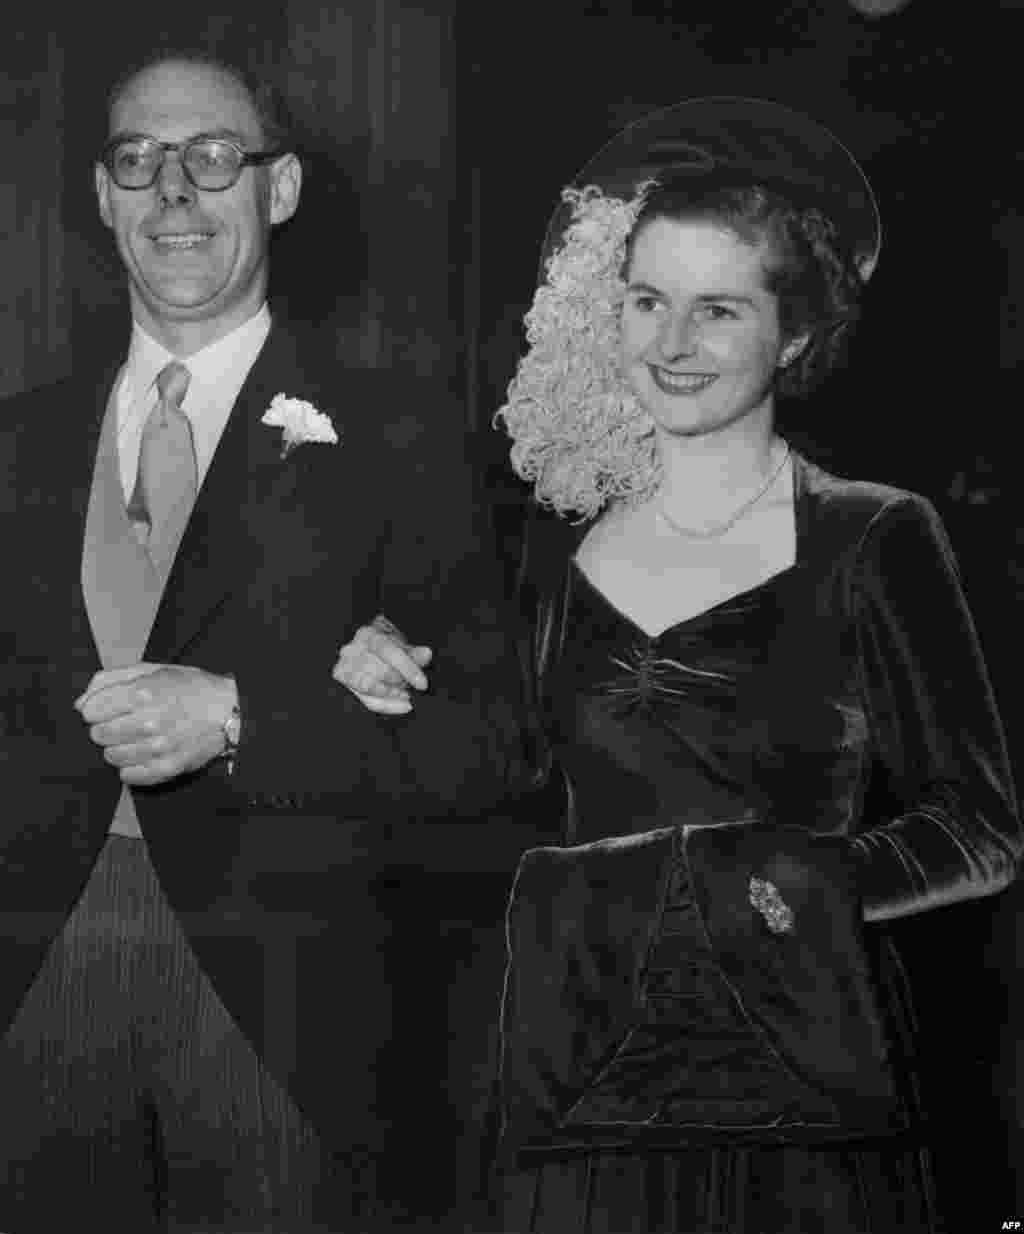 Маргарет Тэтчер мен Денис Тэтчердің үйленуі. Лондон, 1951 жылдың желтоқсаны.